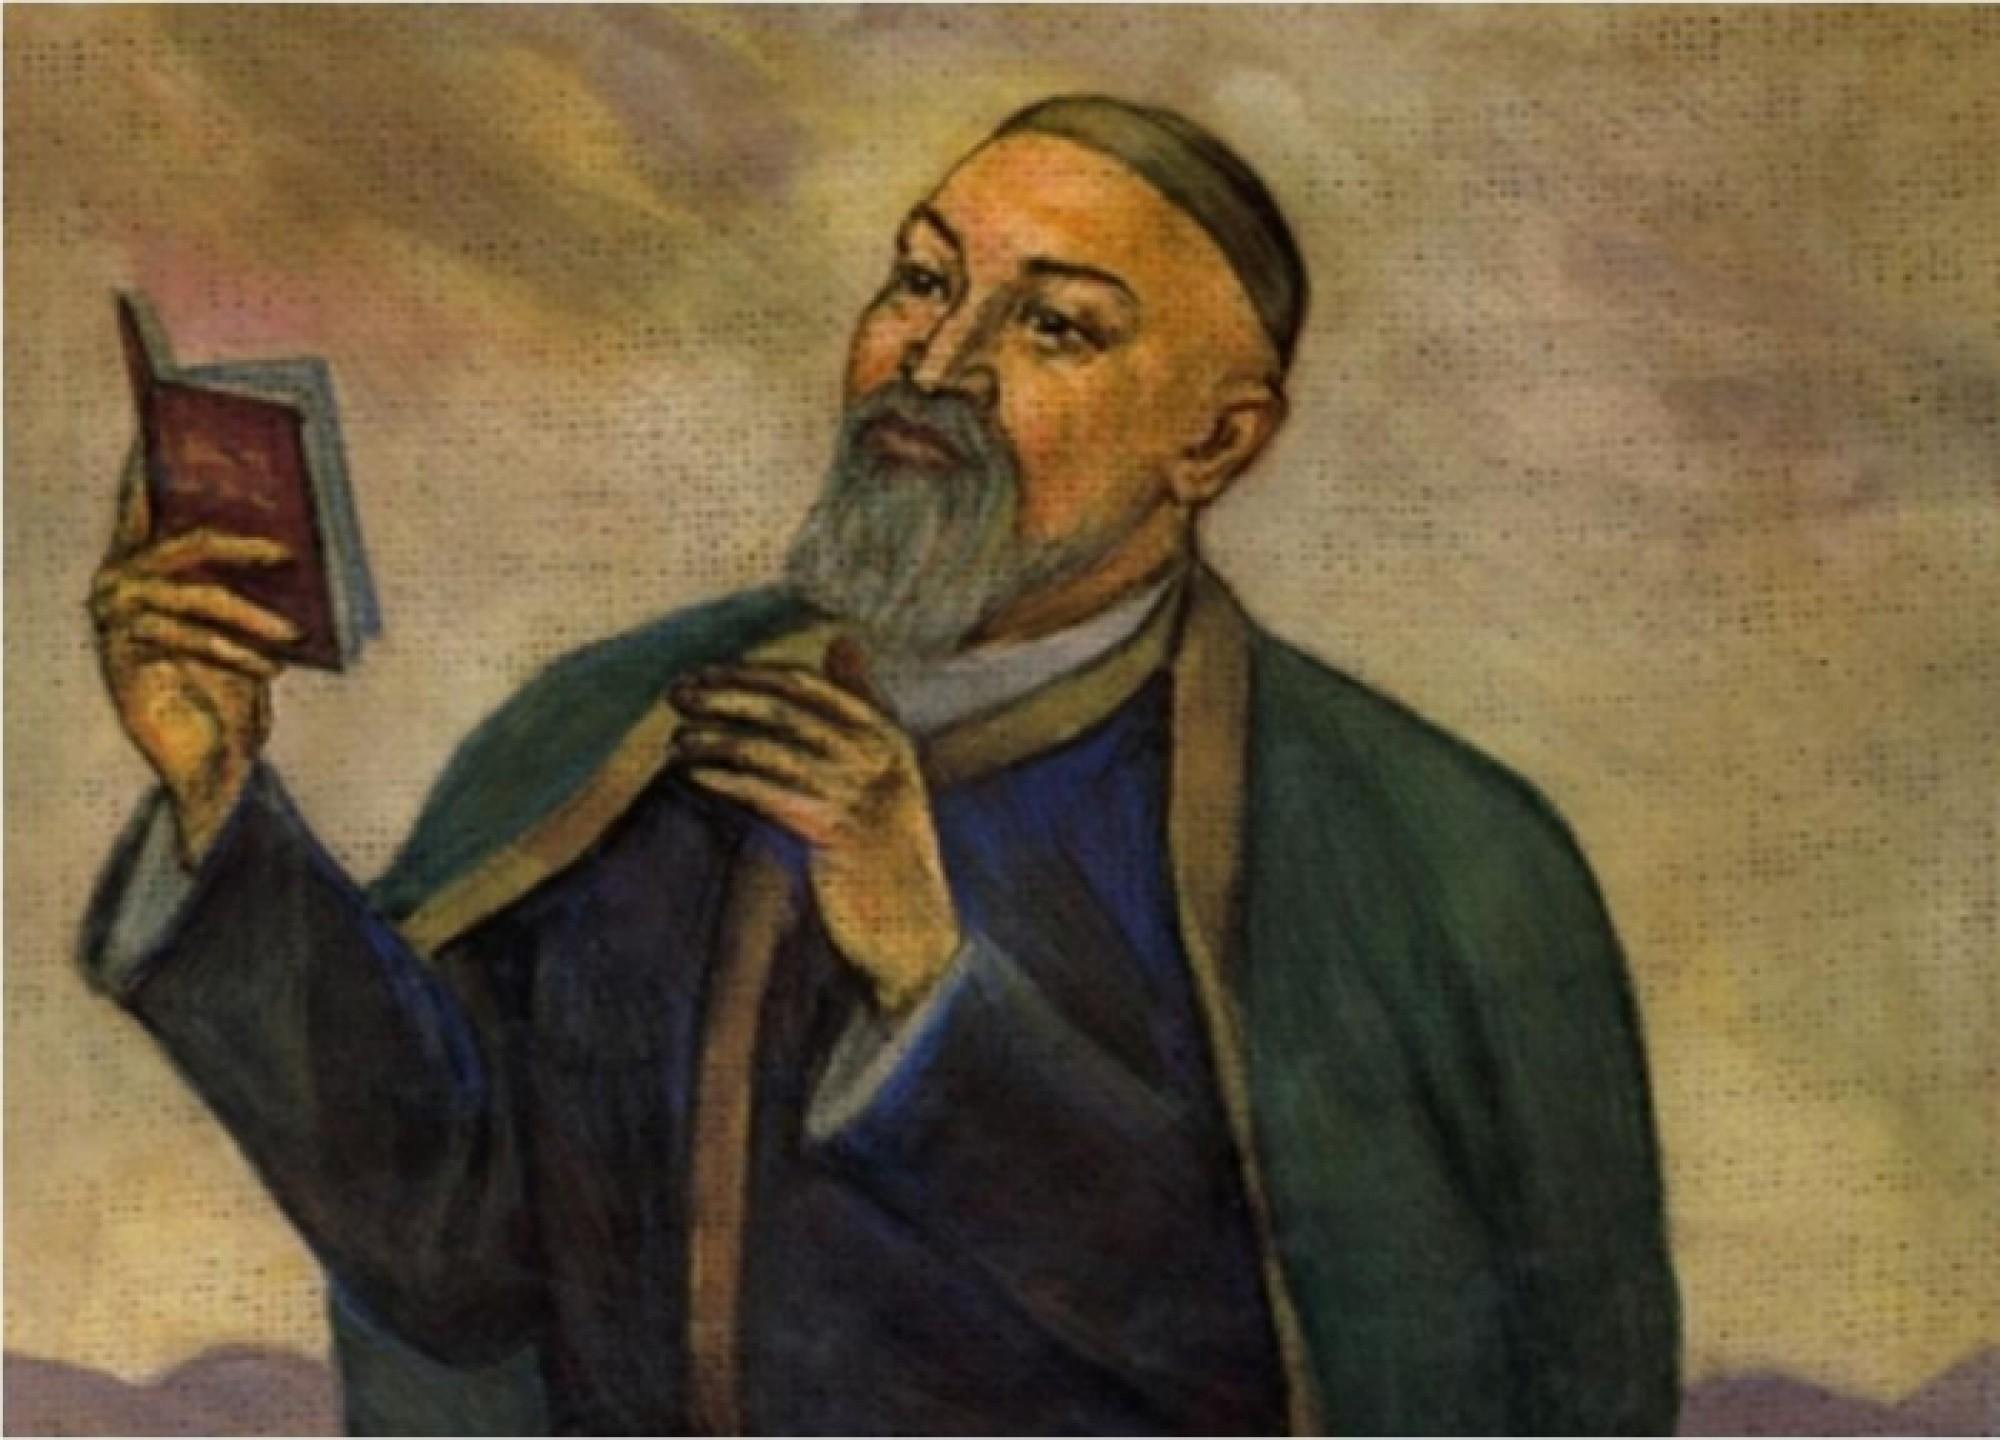 Казахстанскую литературу на немецком языке смогут почитать в библиотеке Берлина